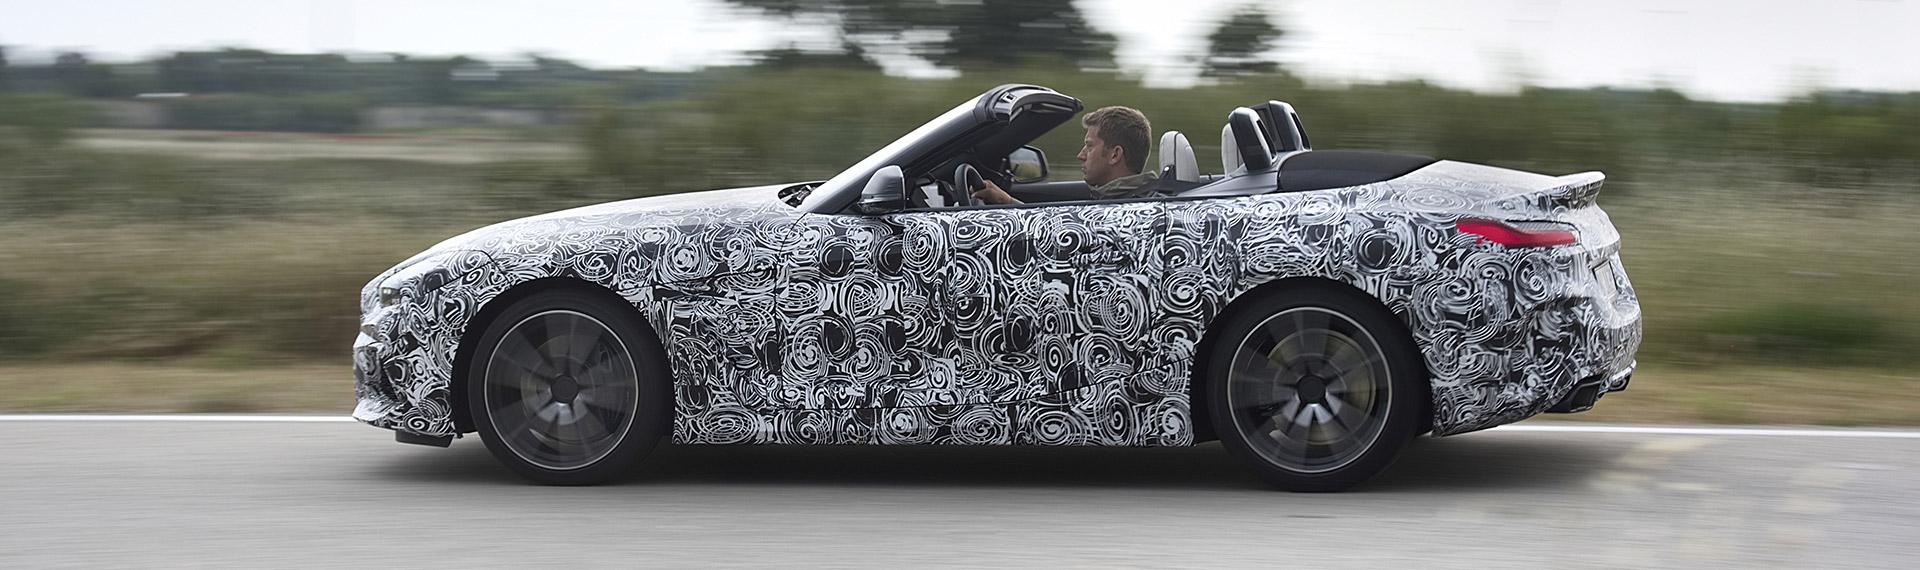 The BMW Z4 Prototype